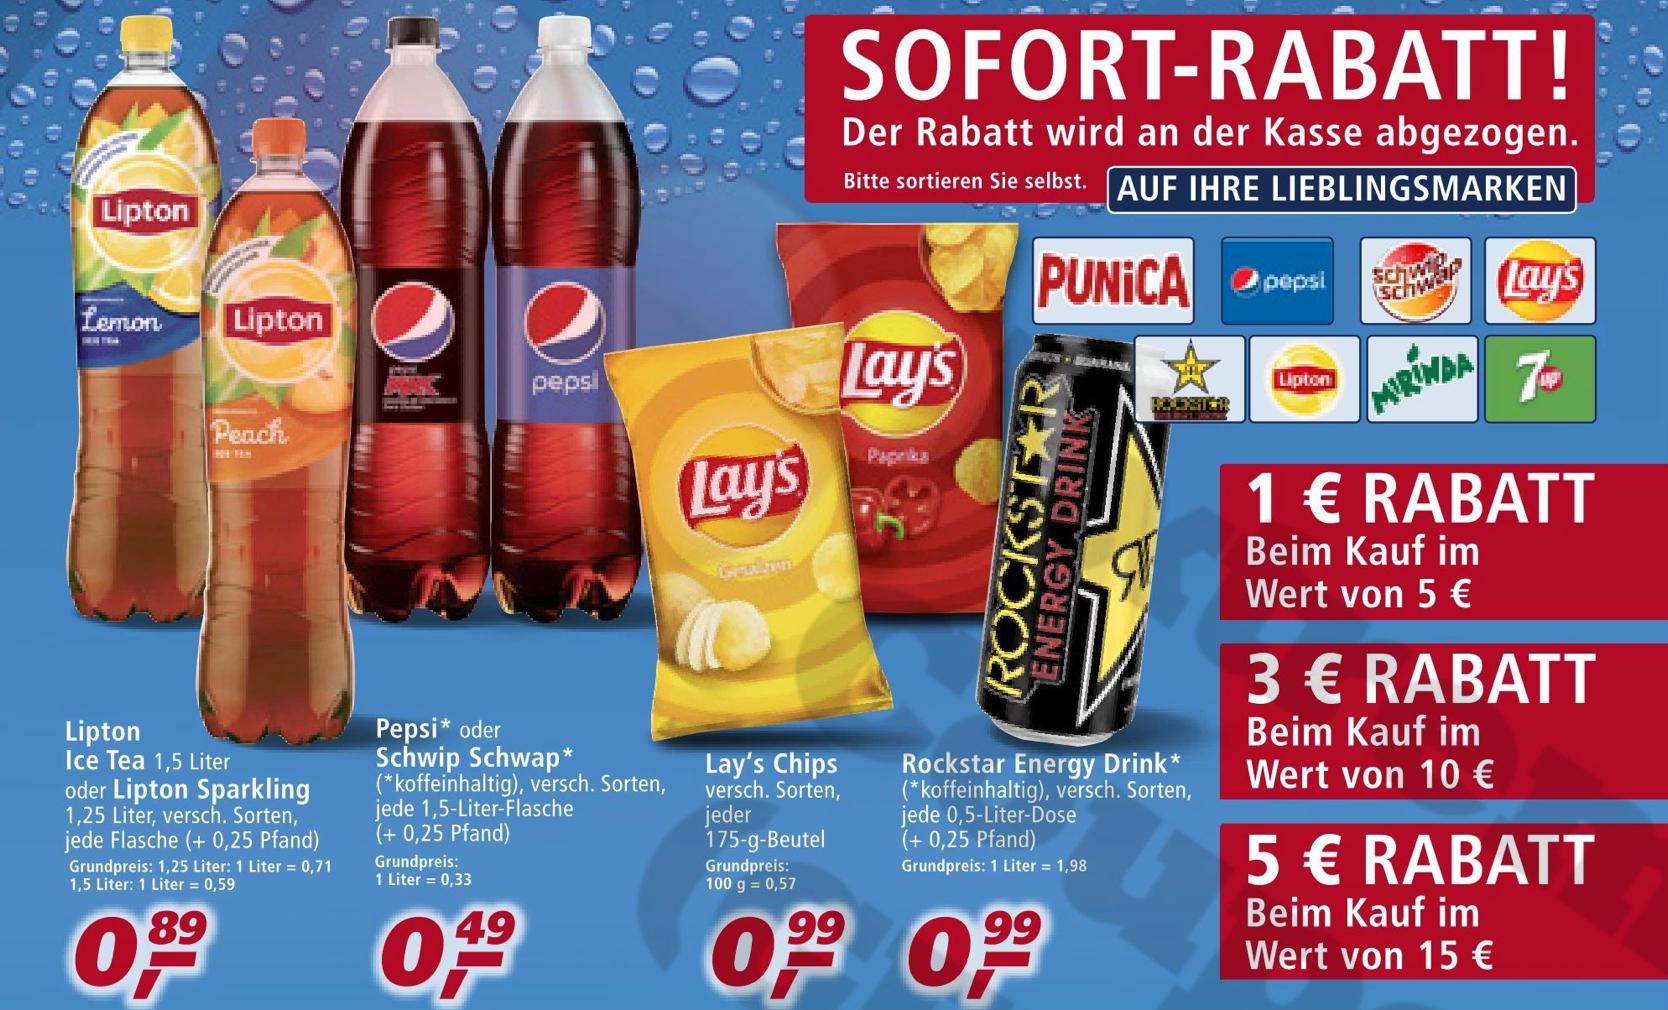 (REAL) Pepsi / Schwip Schwap 1,5 Liter für 49 Cent / bei Kauf von 31 Flaschen nur noch 33 Cent/Flasche